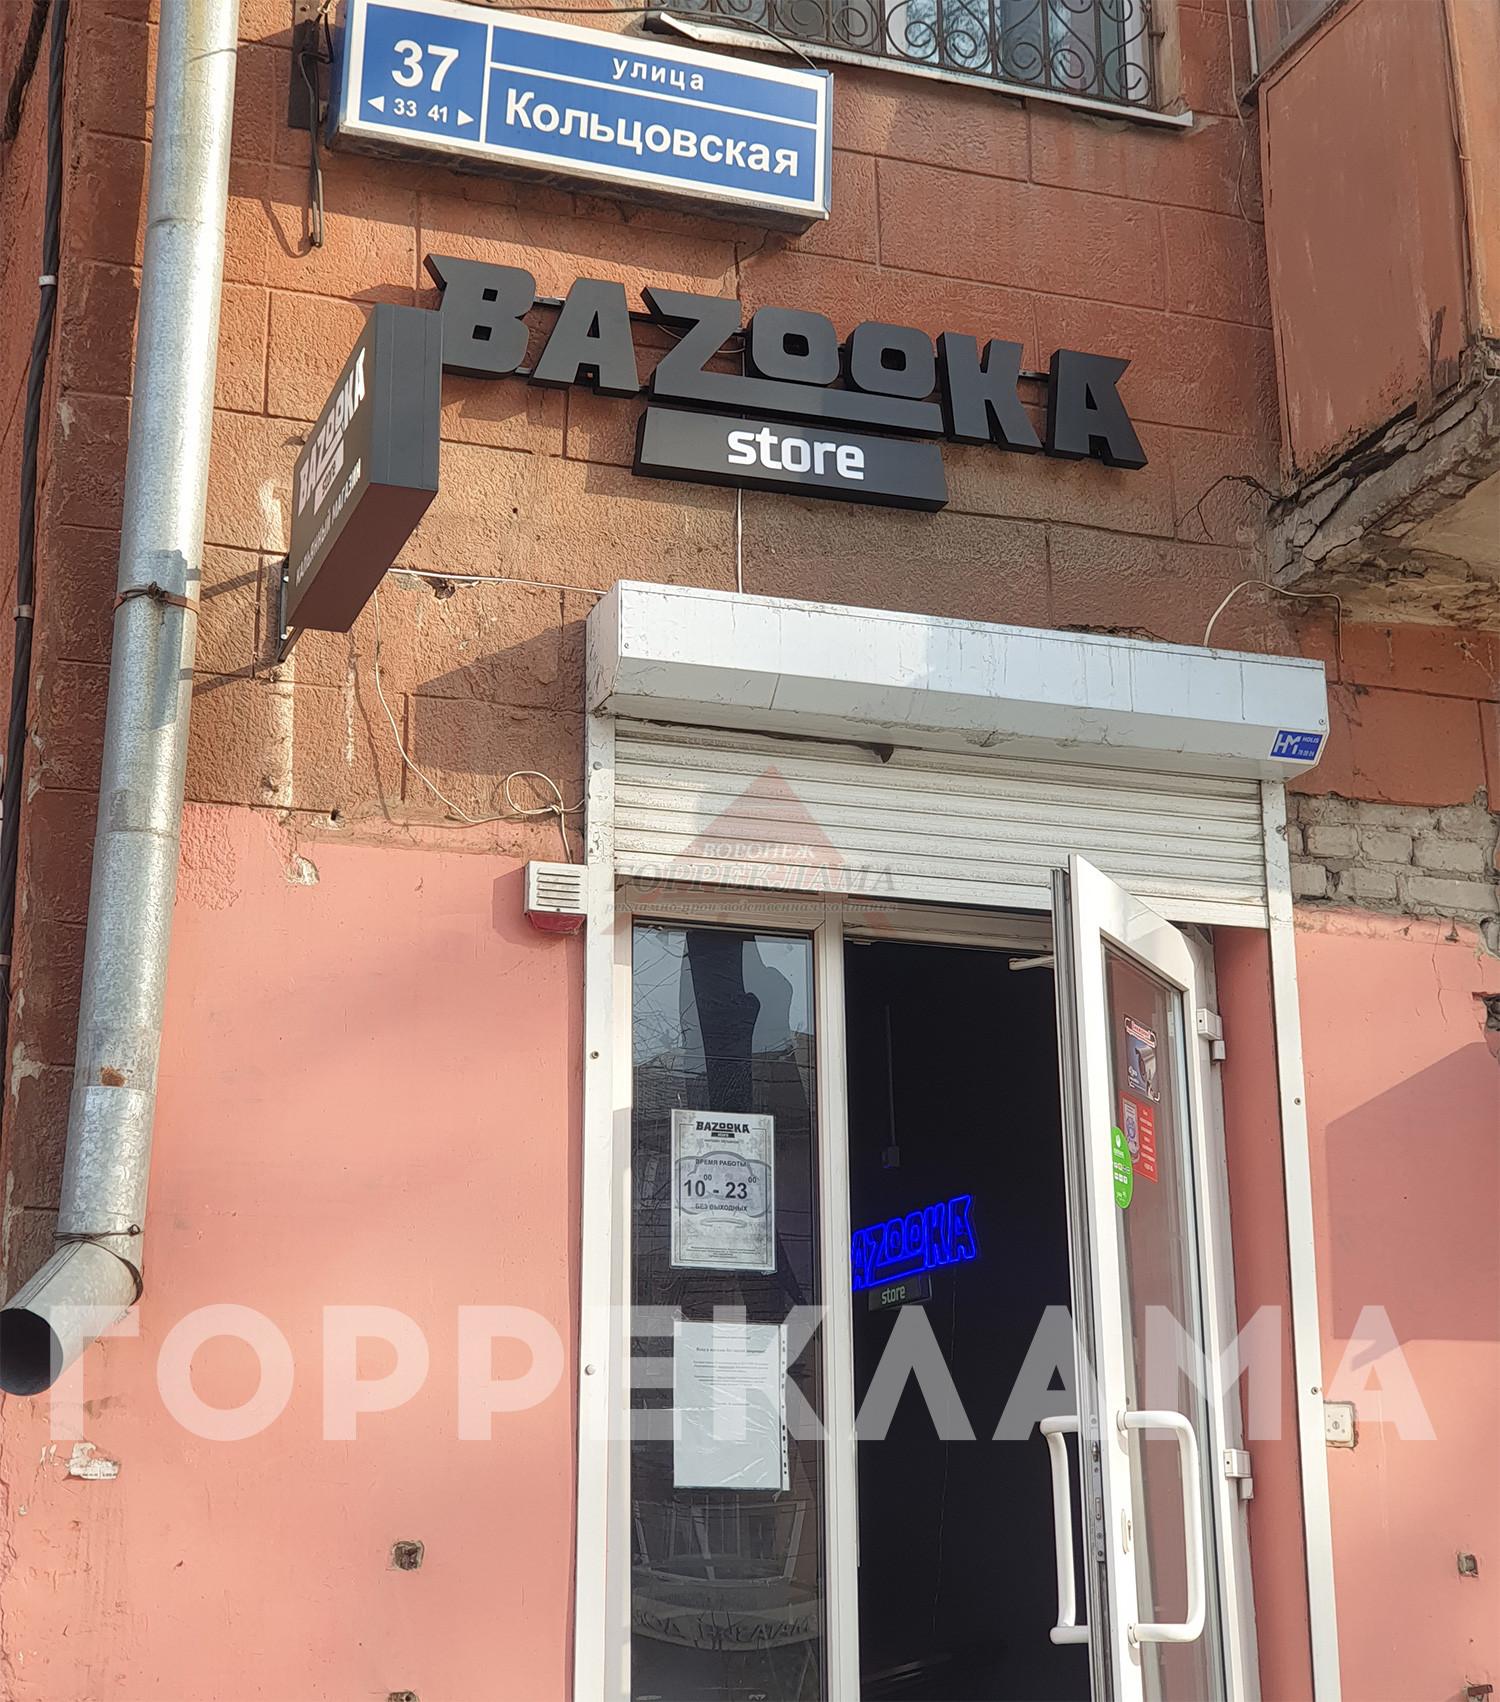 вывеска-объемные-буквы-bazooka-store-Воронеж